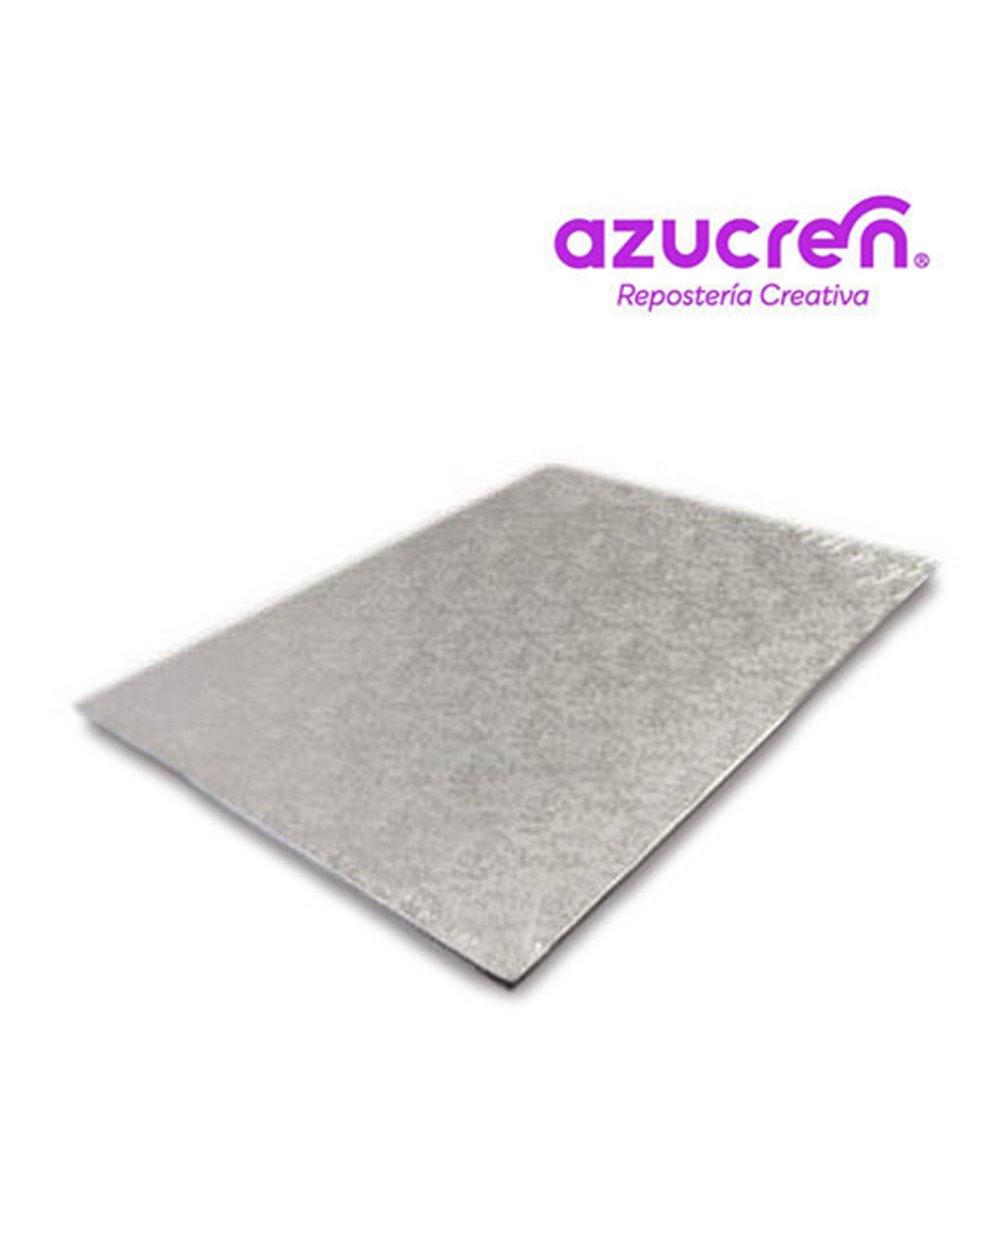 Azucren Base Rectangular 30x40+